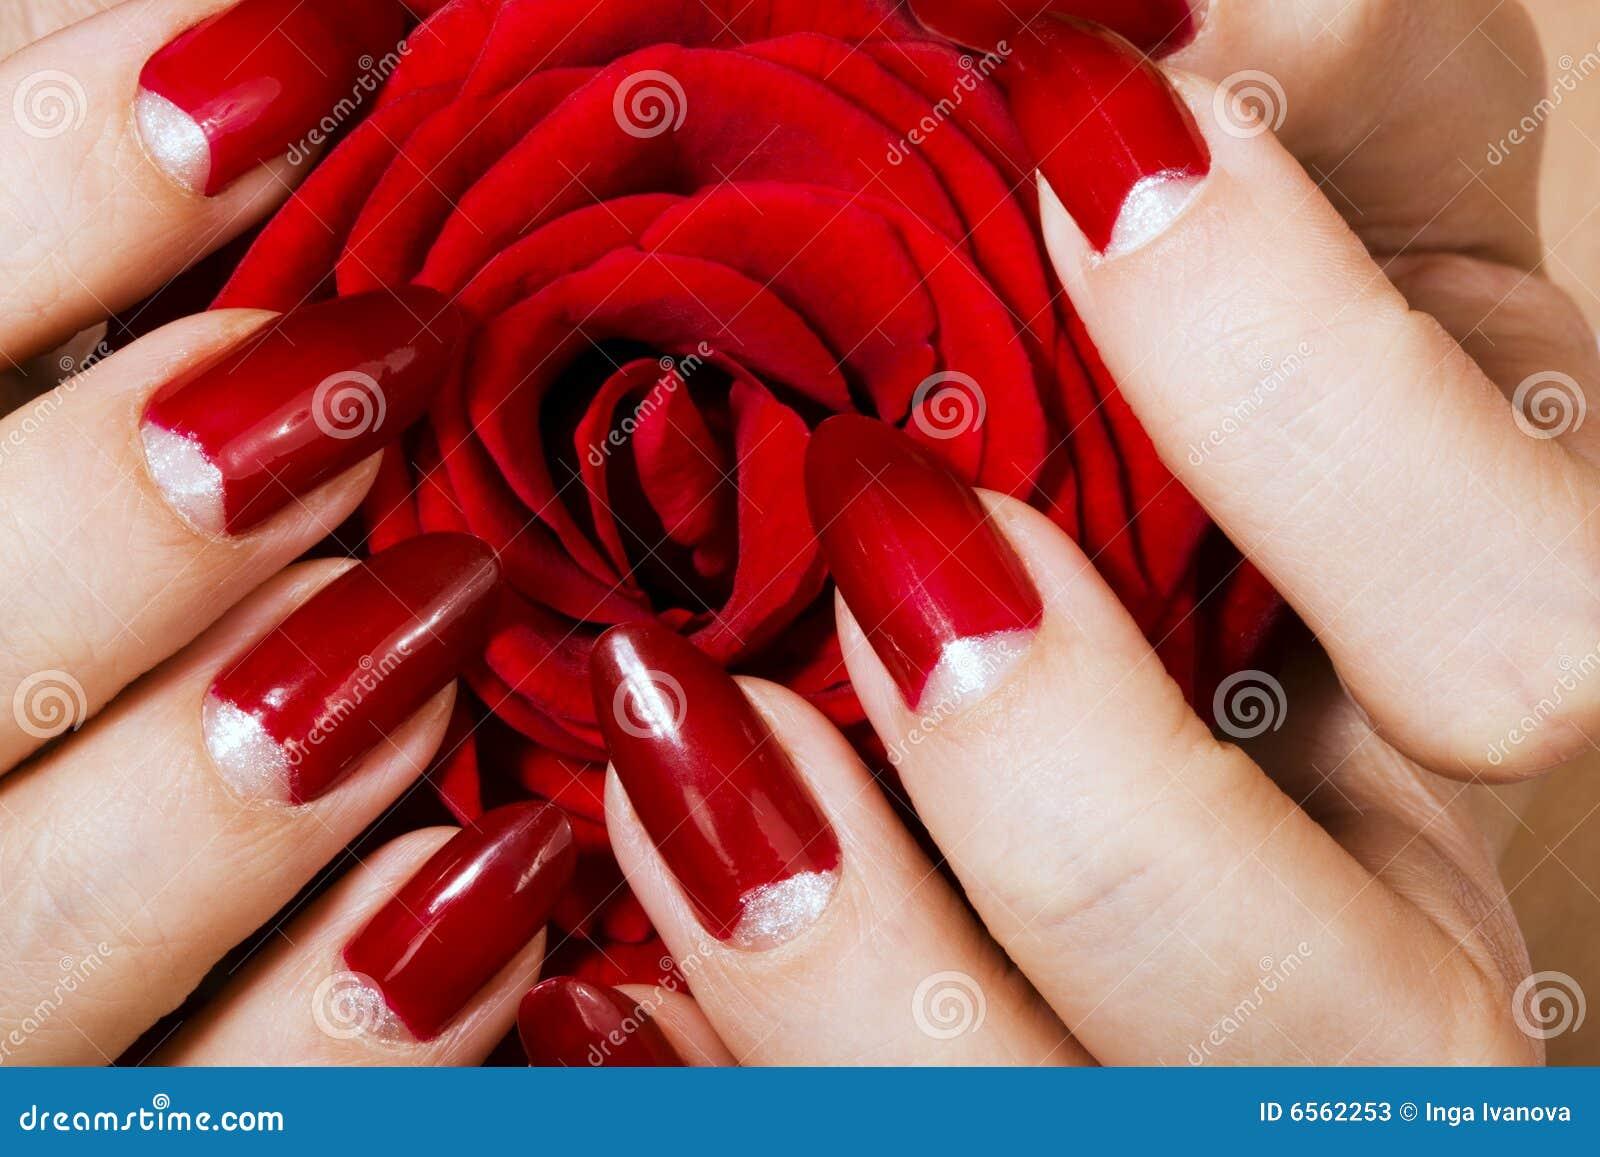 Розы на красном маникюре фото